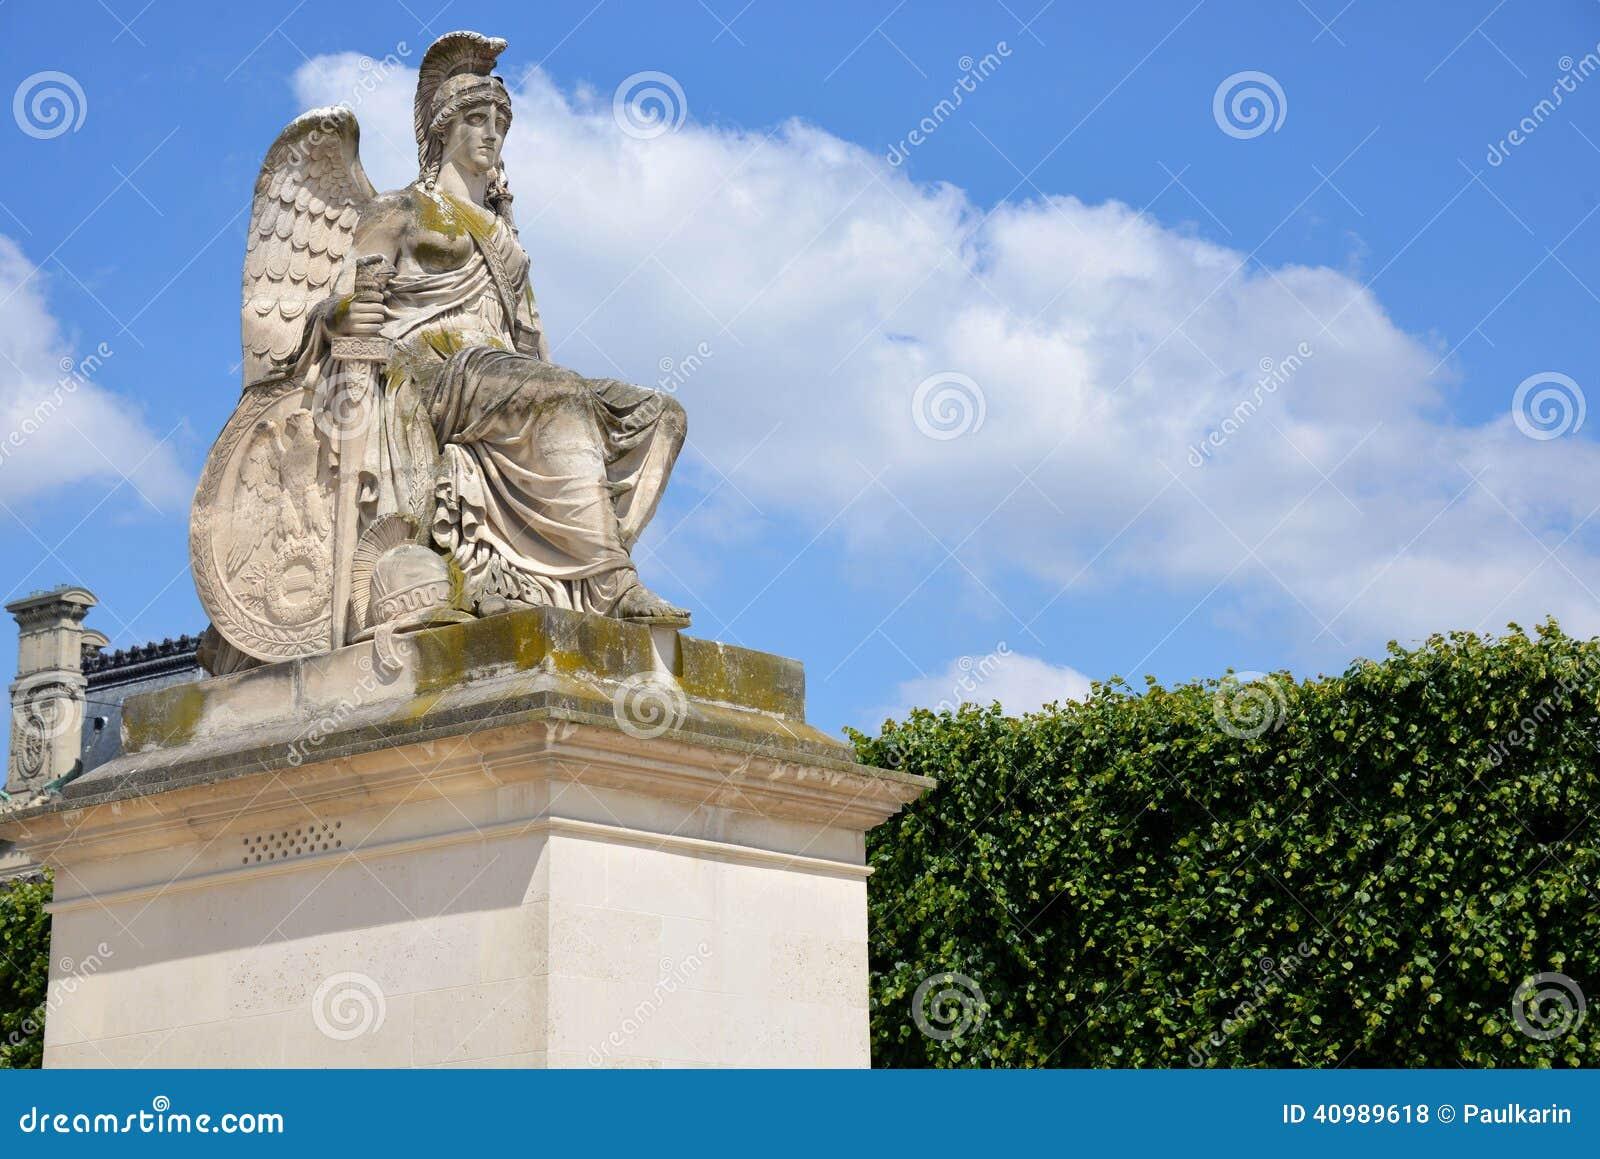 Статуя в Tuileries